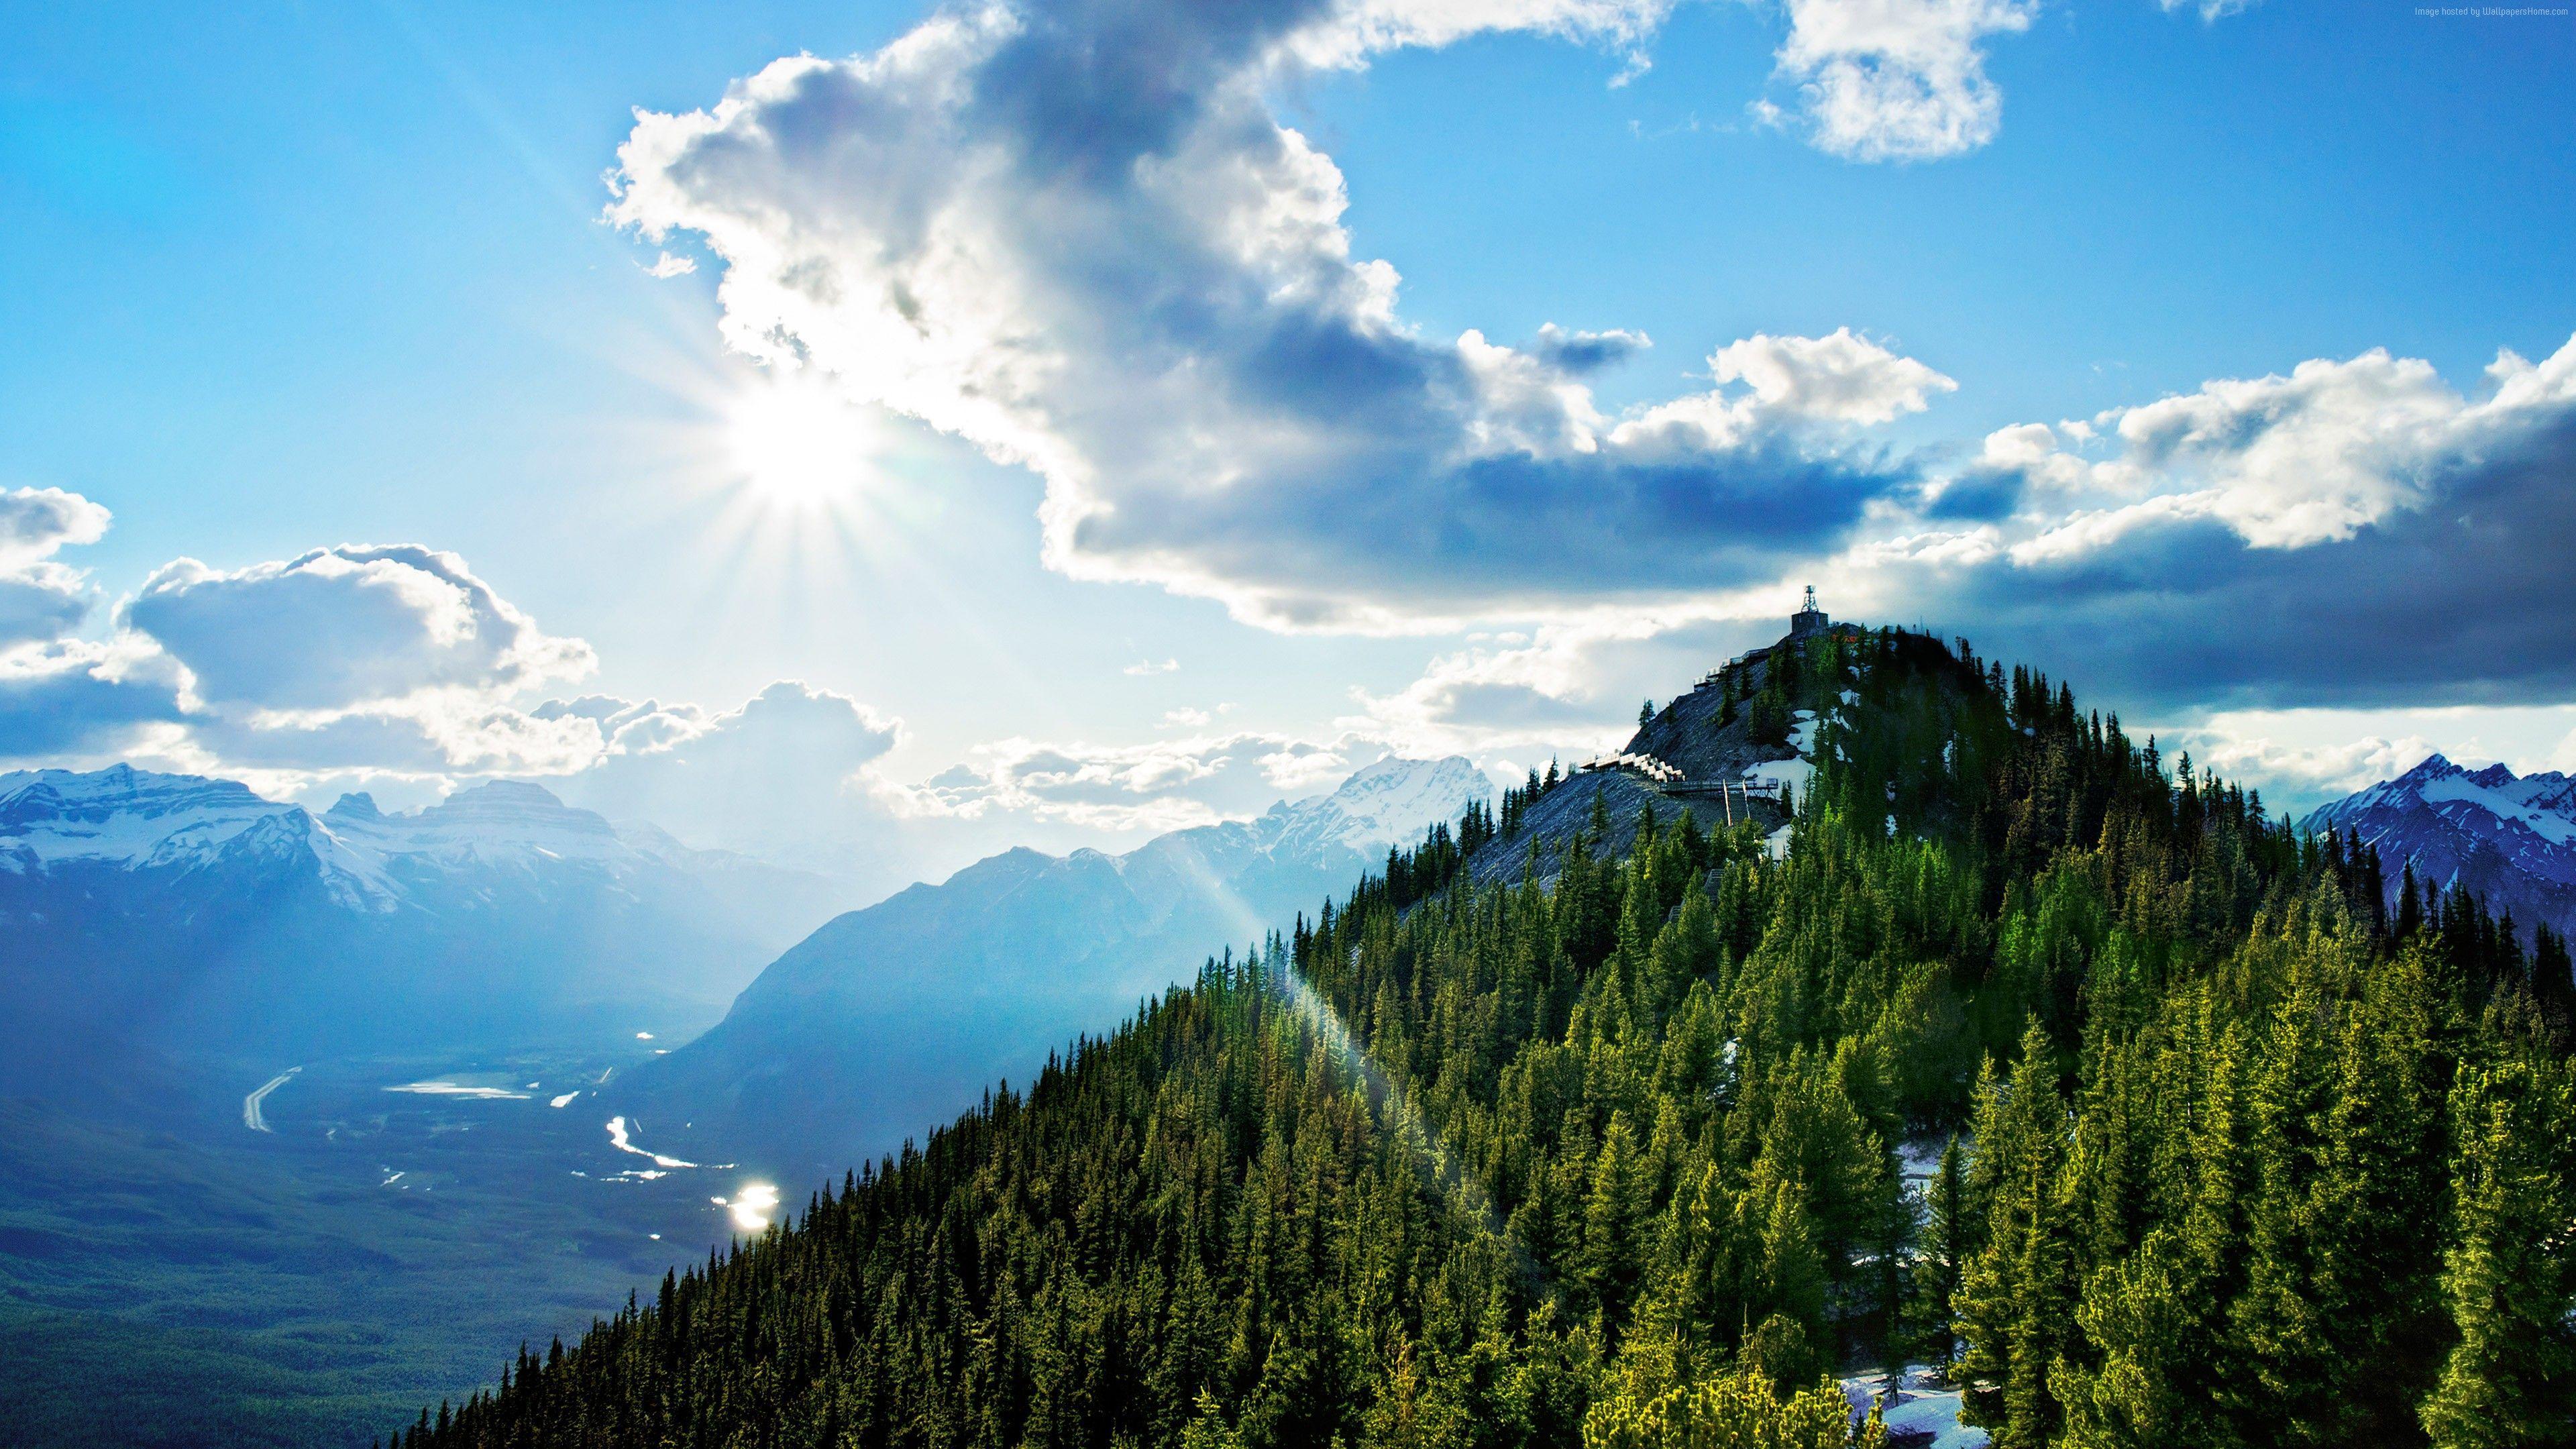 3840x2160 Hình nền Núi lưu huỳnh, 4k, Hình nền có độ phân giải cao, Canada, Đám mây, Thiên nhiên